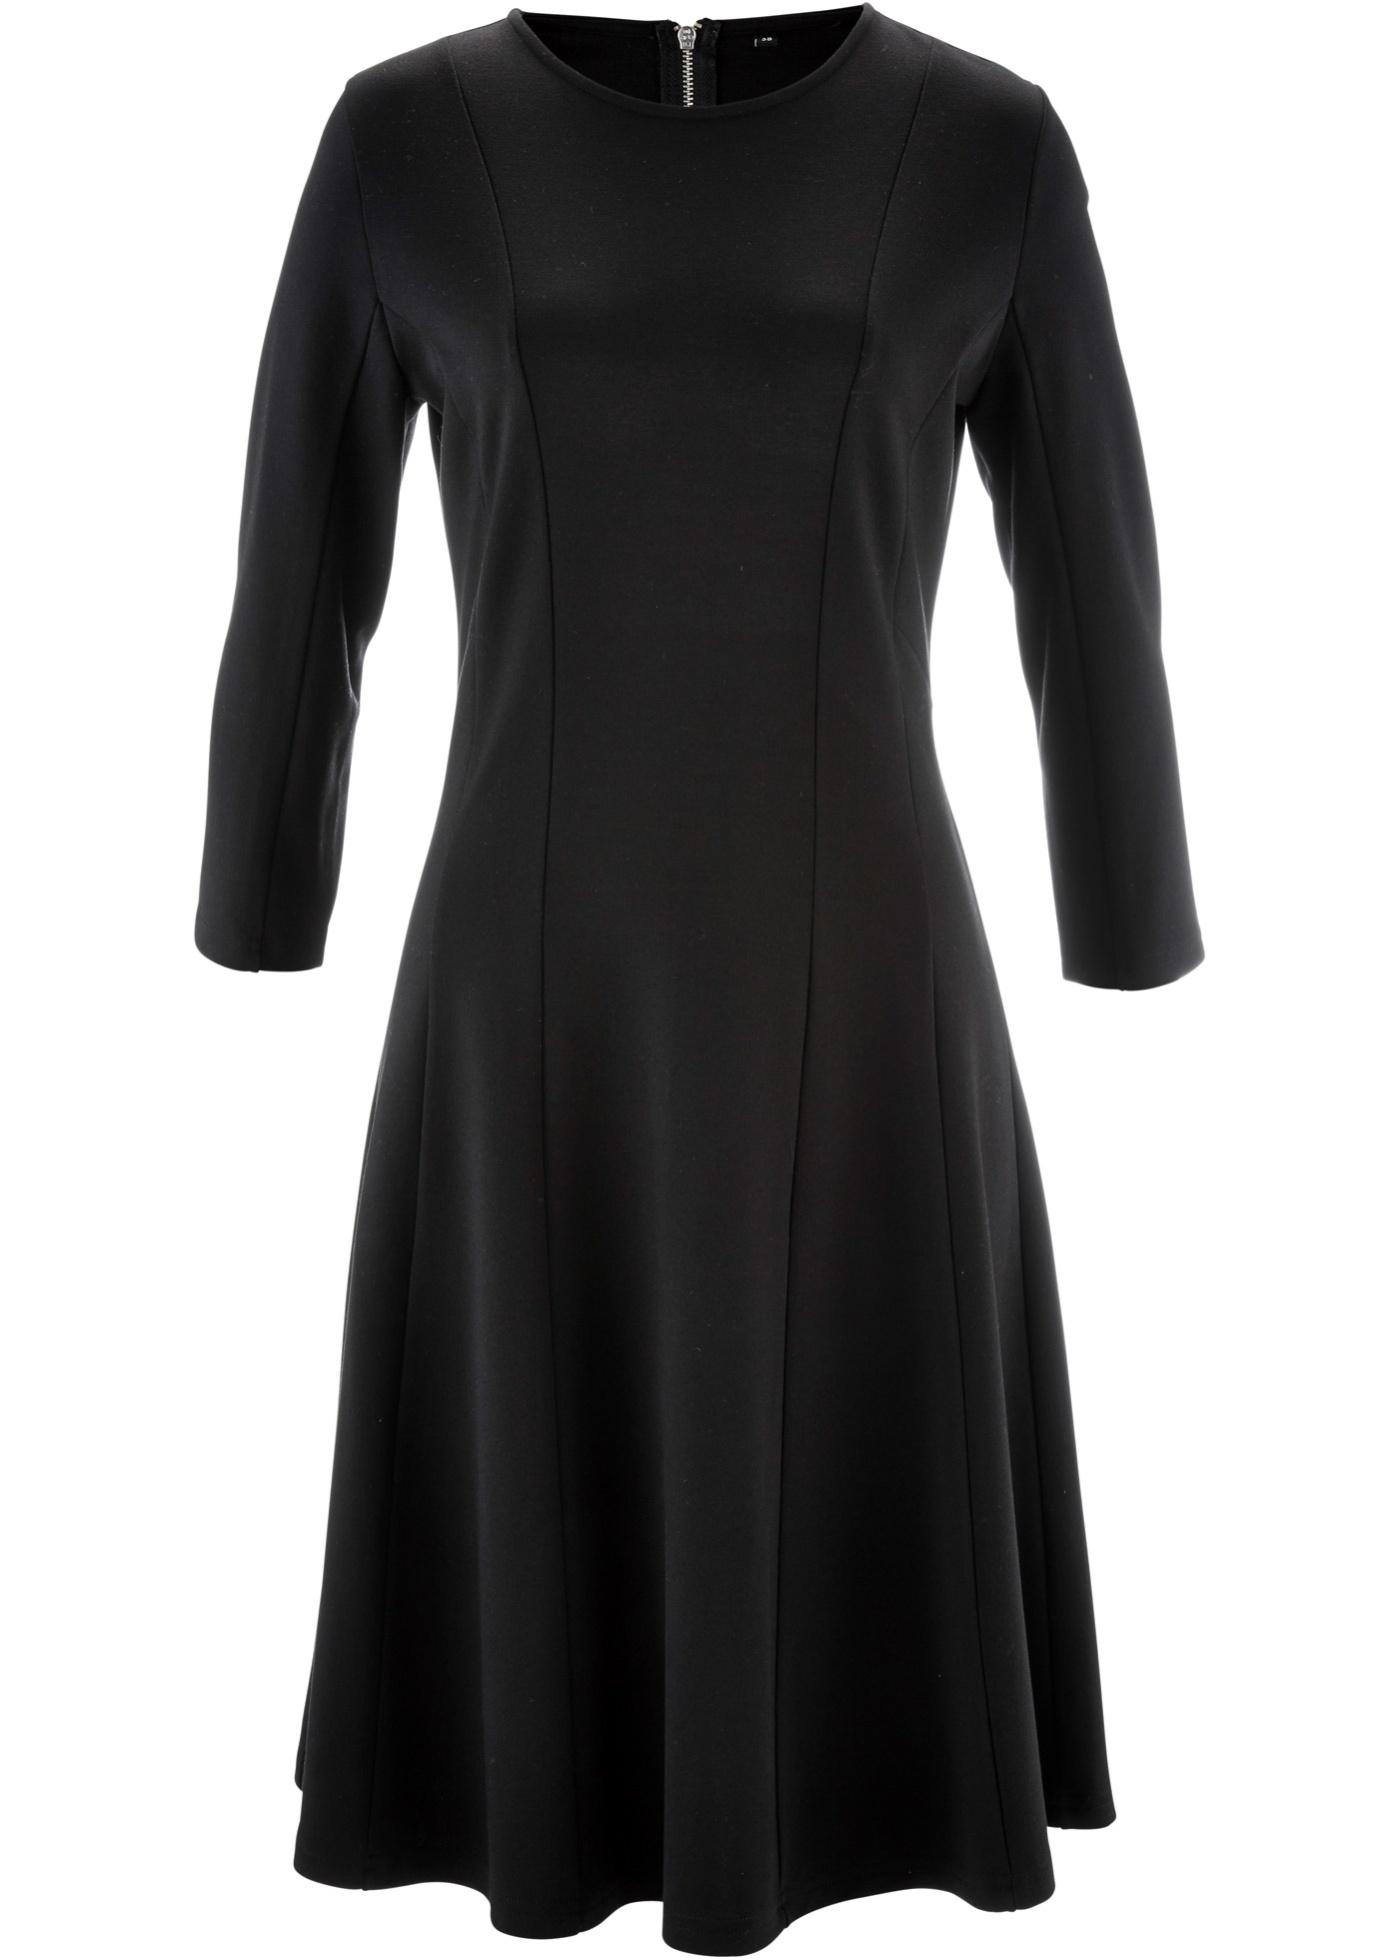 Bonprix RobePunto Kelly Maite Pour Noir D'été 3 Bpc Designed Roma 4 Di CollectionRobe Femme By Manches Nm0w8n